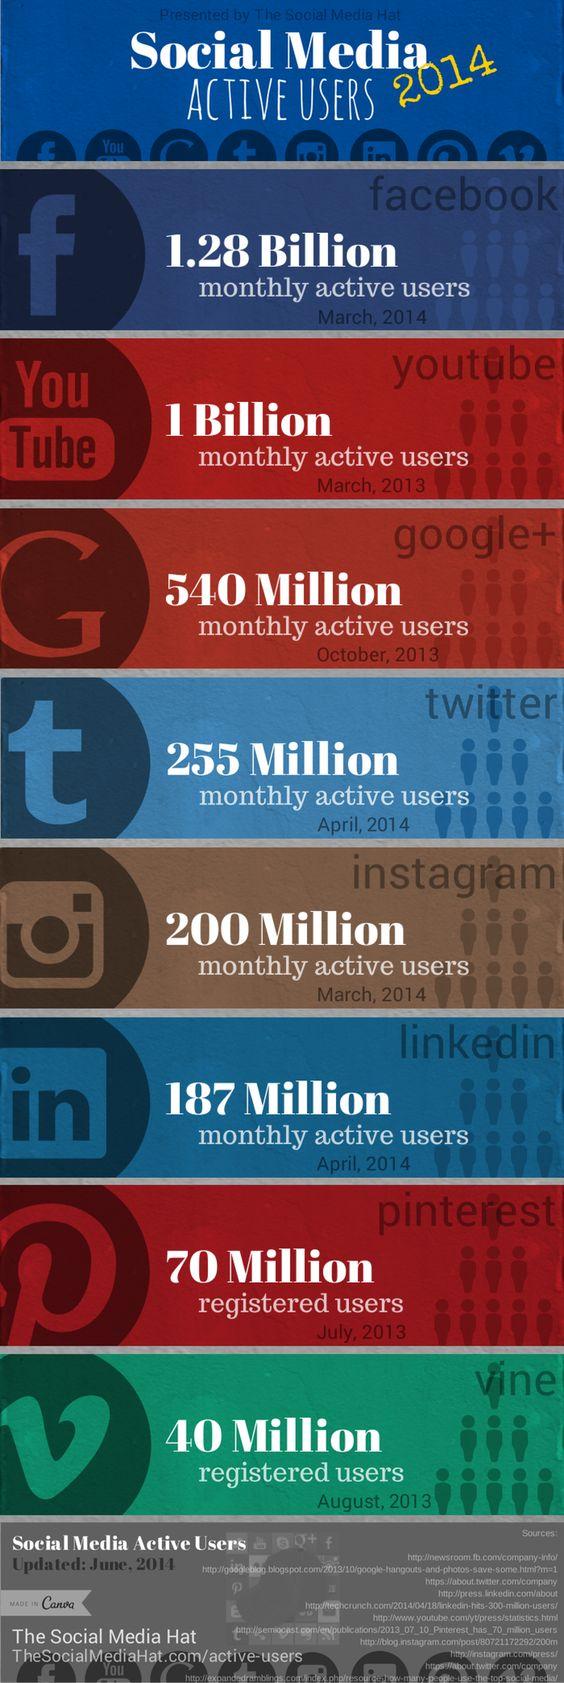 Usuários ativos das Mídias Sociais (2014)